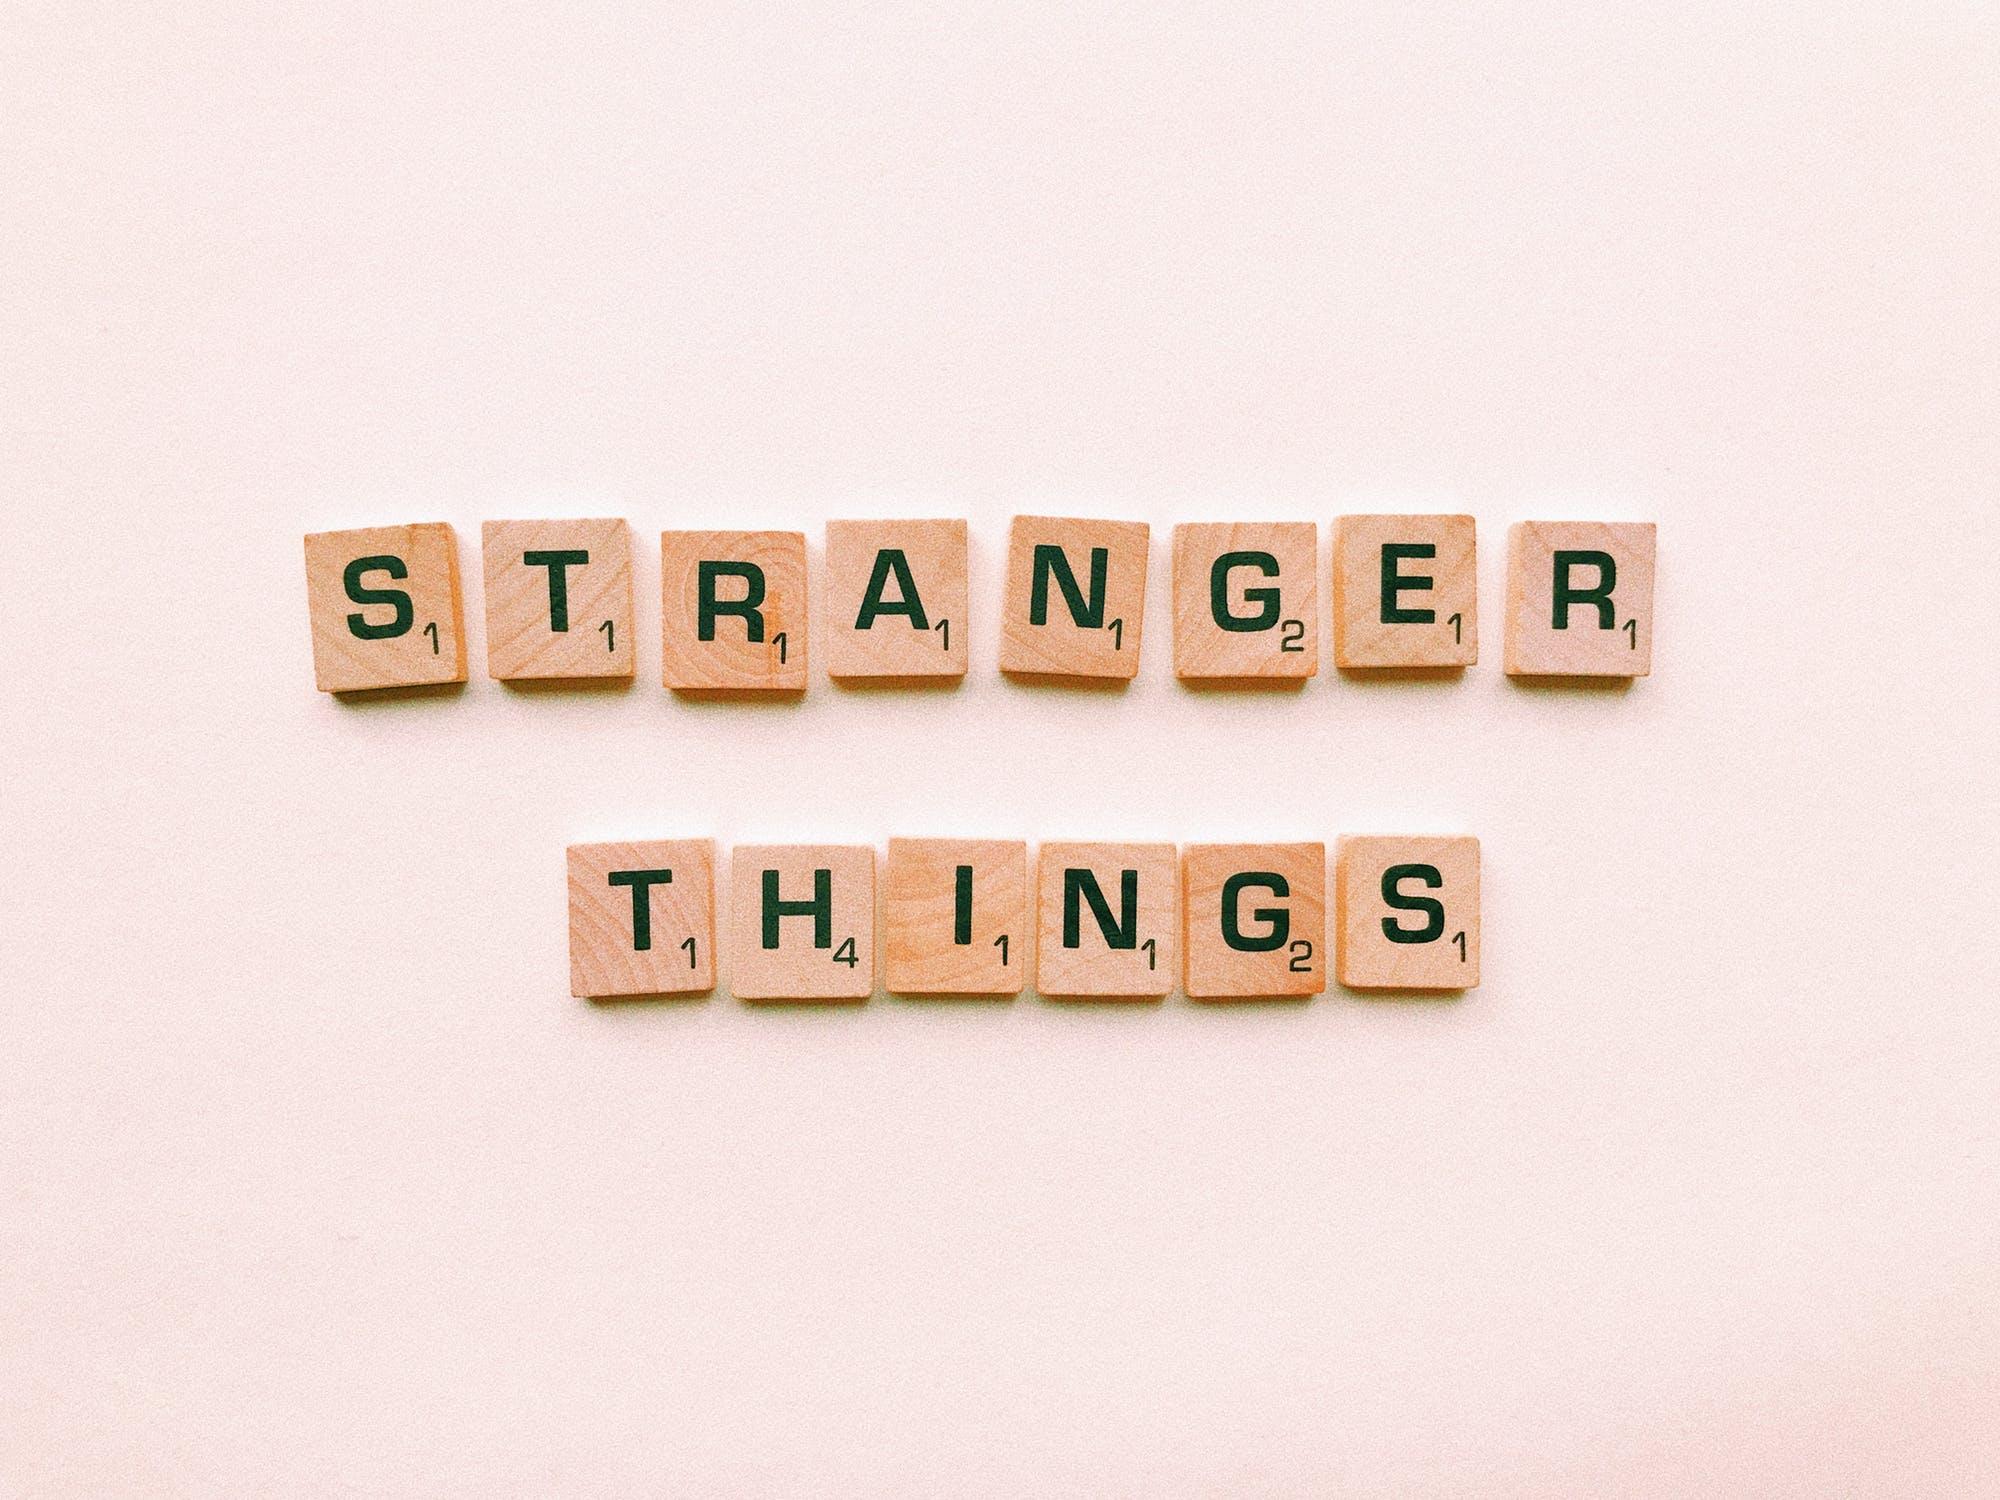 blocchetti del gioco Scarabeo che compongono le parole Stranger Things